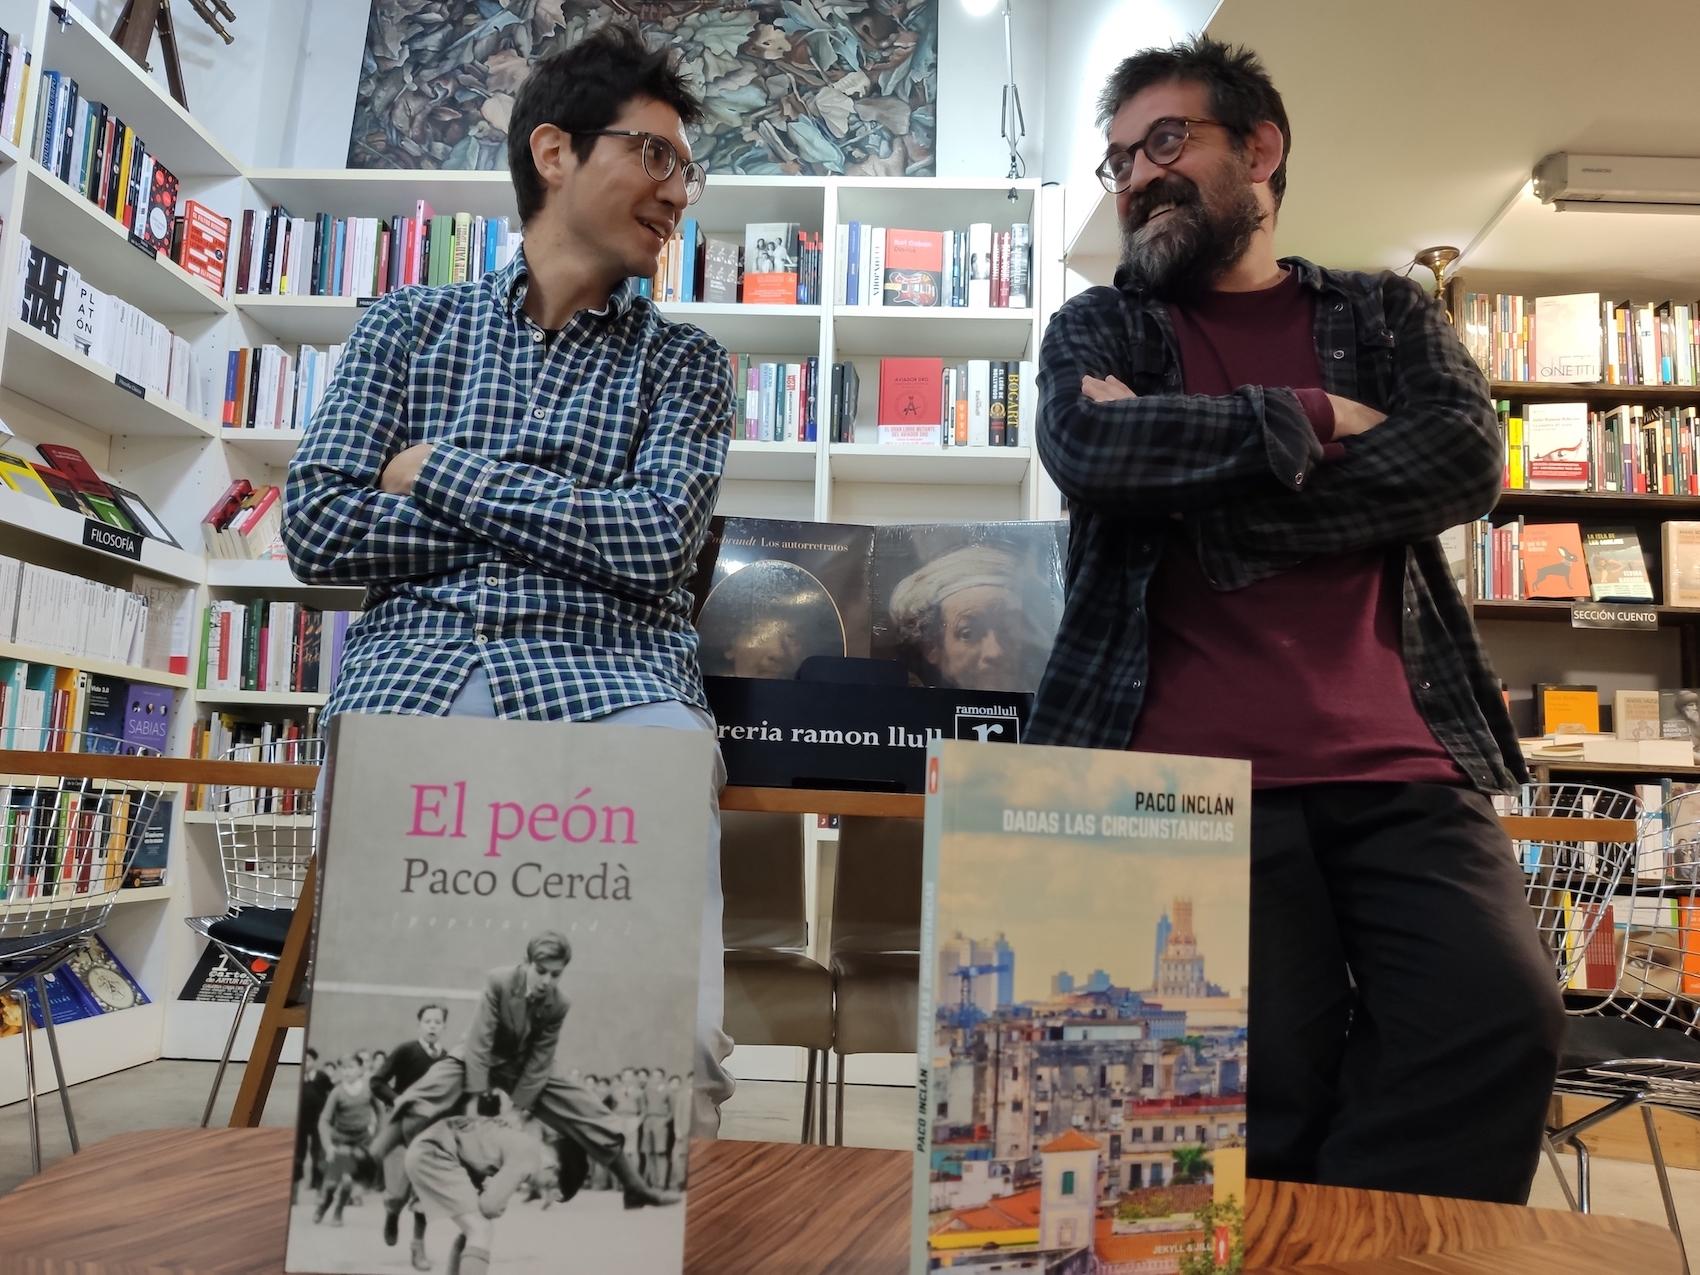 Paco Cerdà y Paco Inclán, cuando los márgenes son el centro